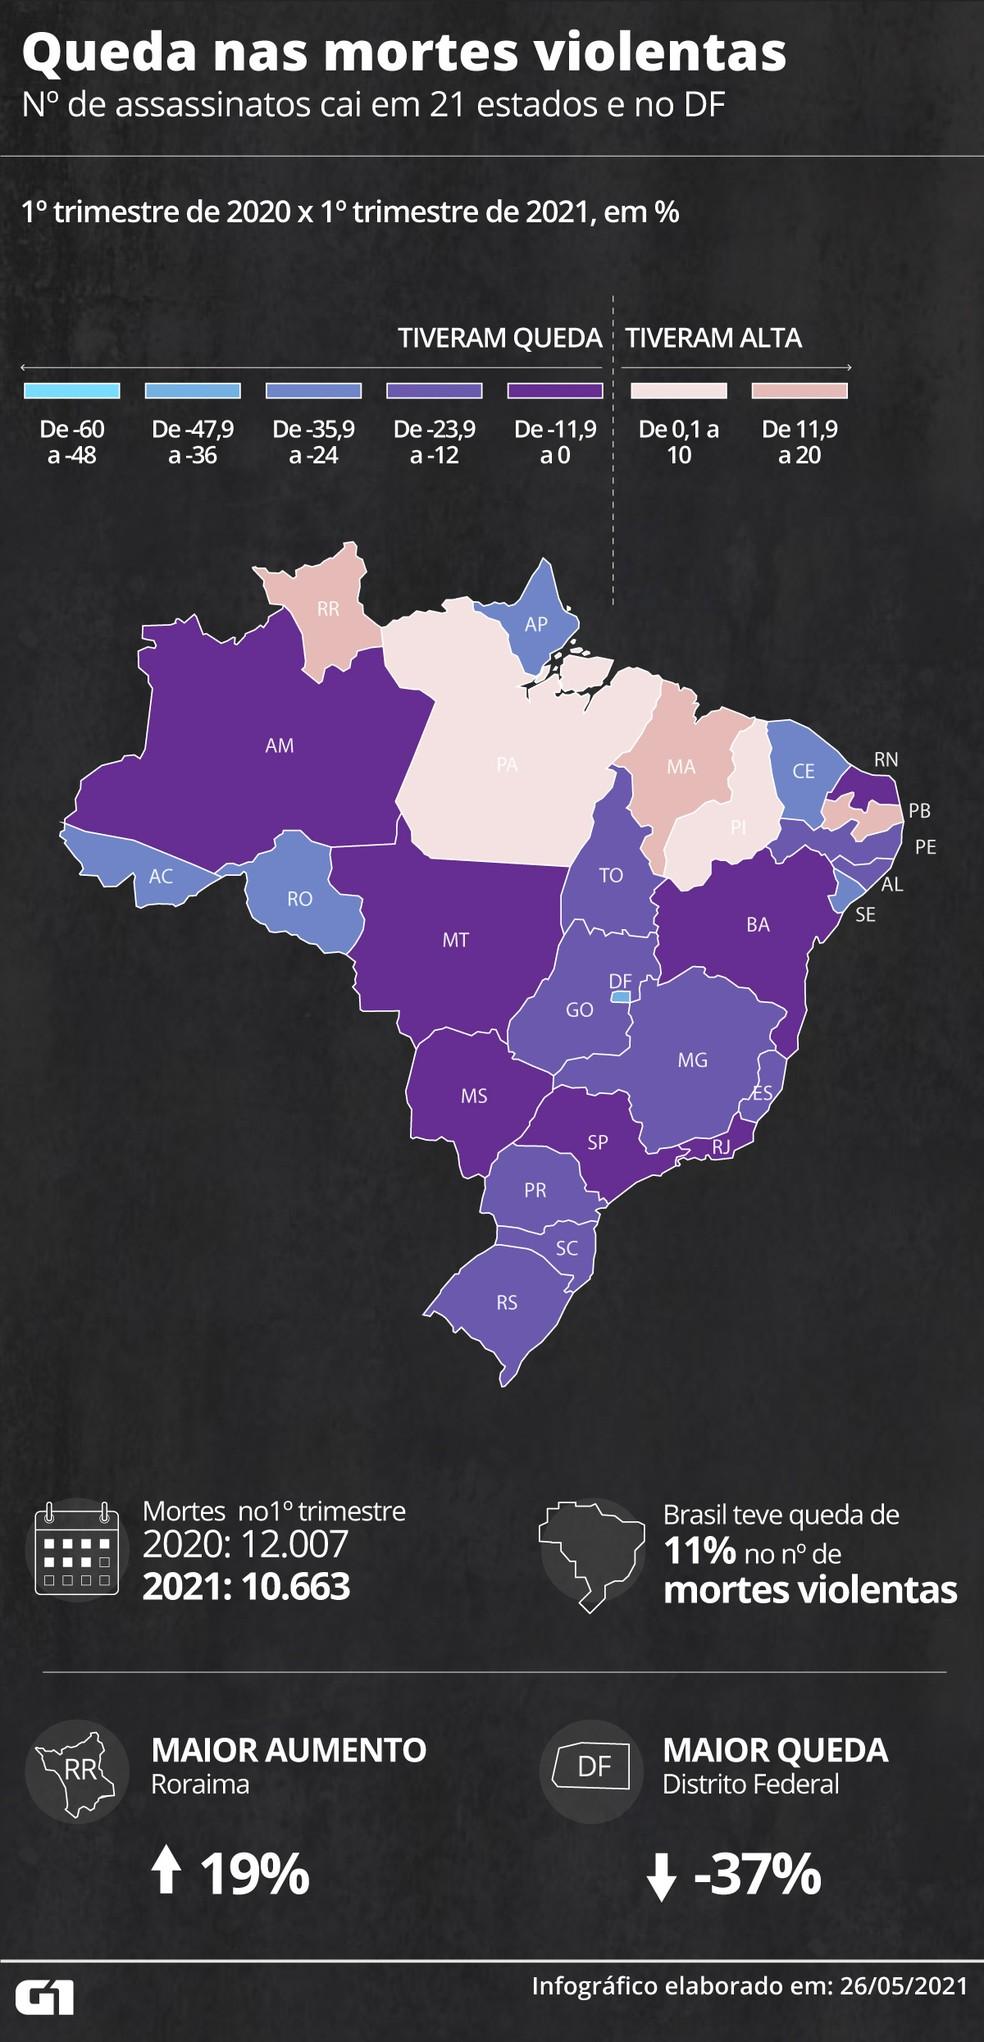 Mapa mostra queda nas mortes violentas em 2021 — Foto: Daniel Ivanaskas/G1